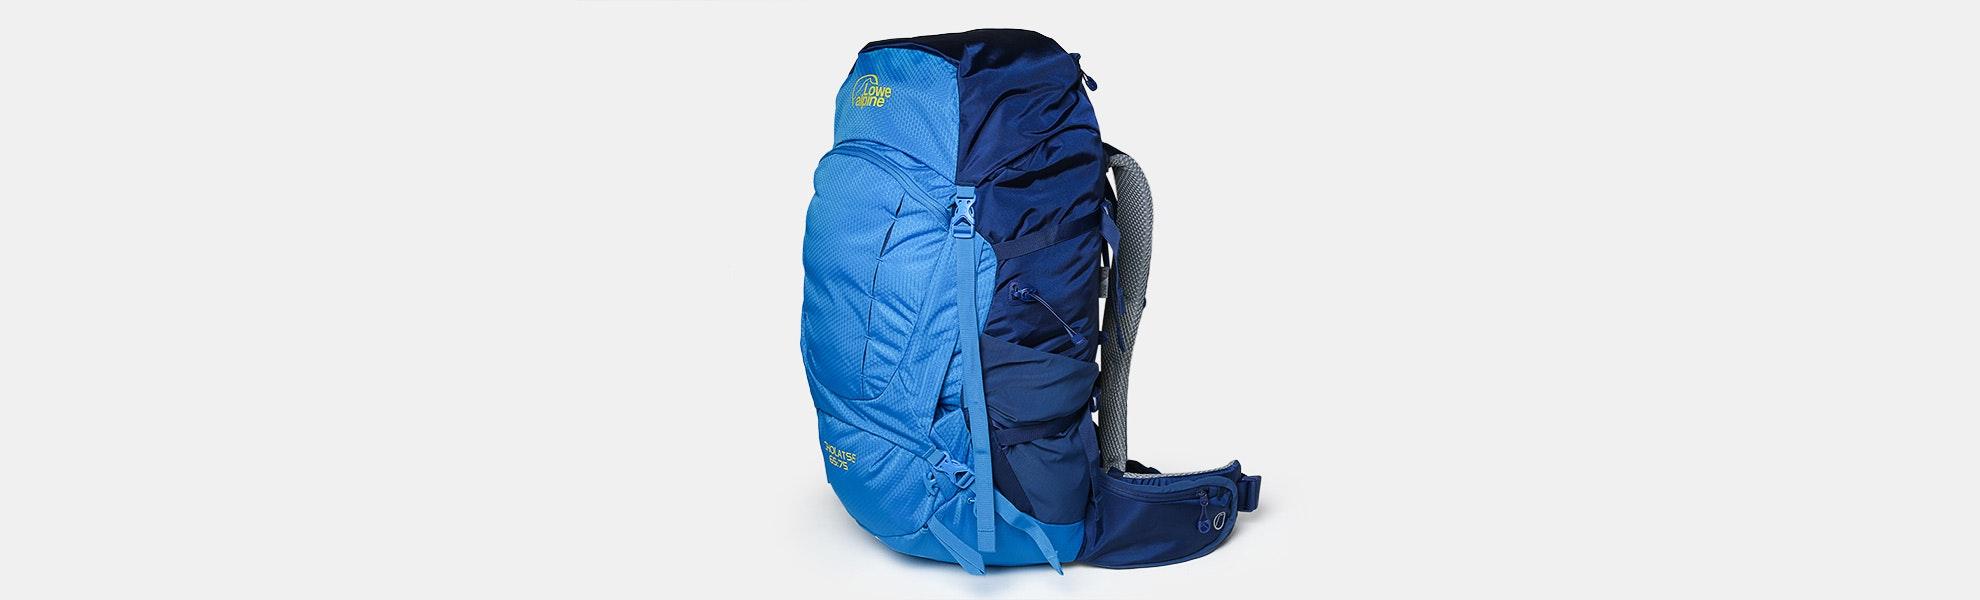 Lowe Alpine Cholatse Backpacks